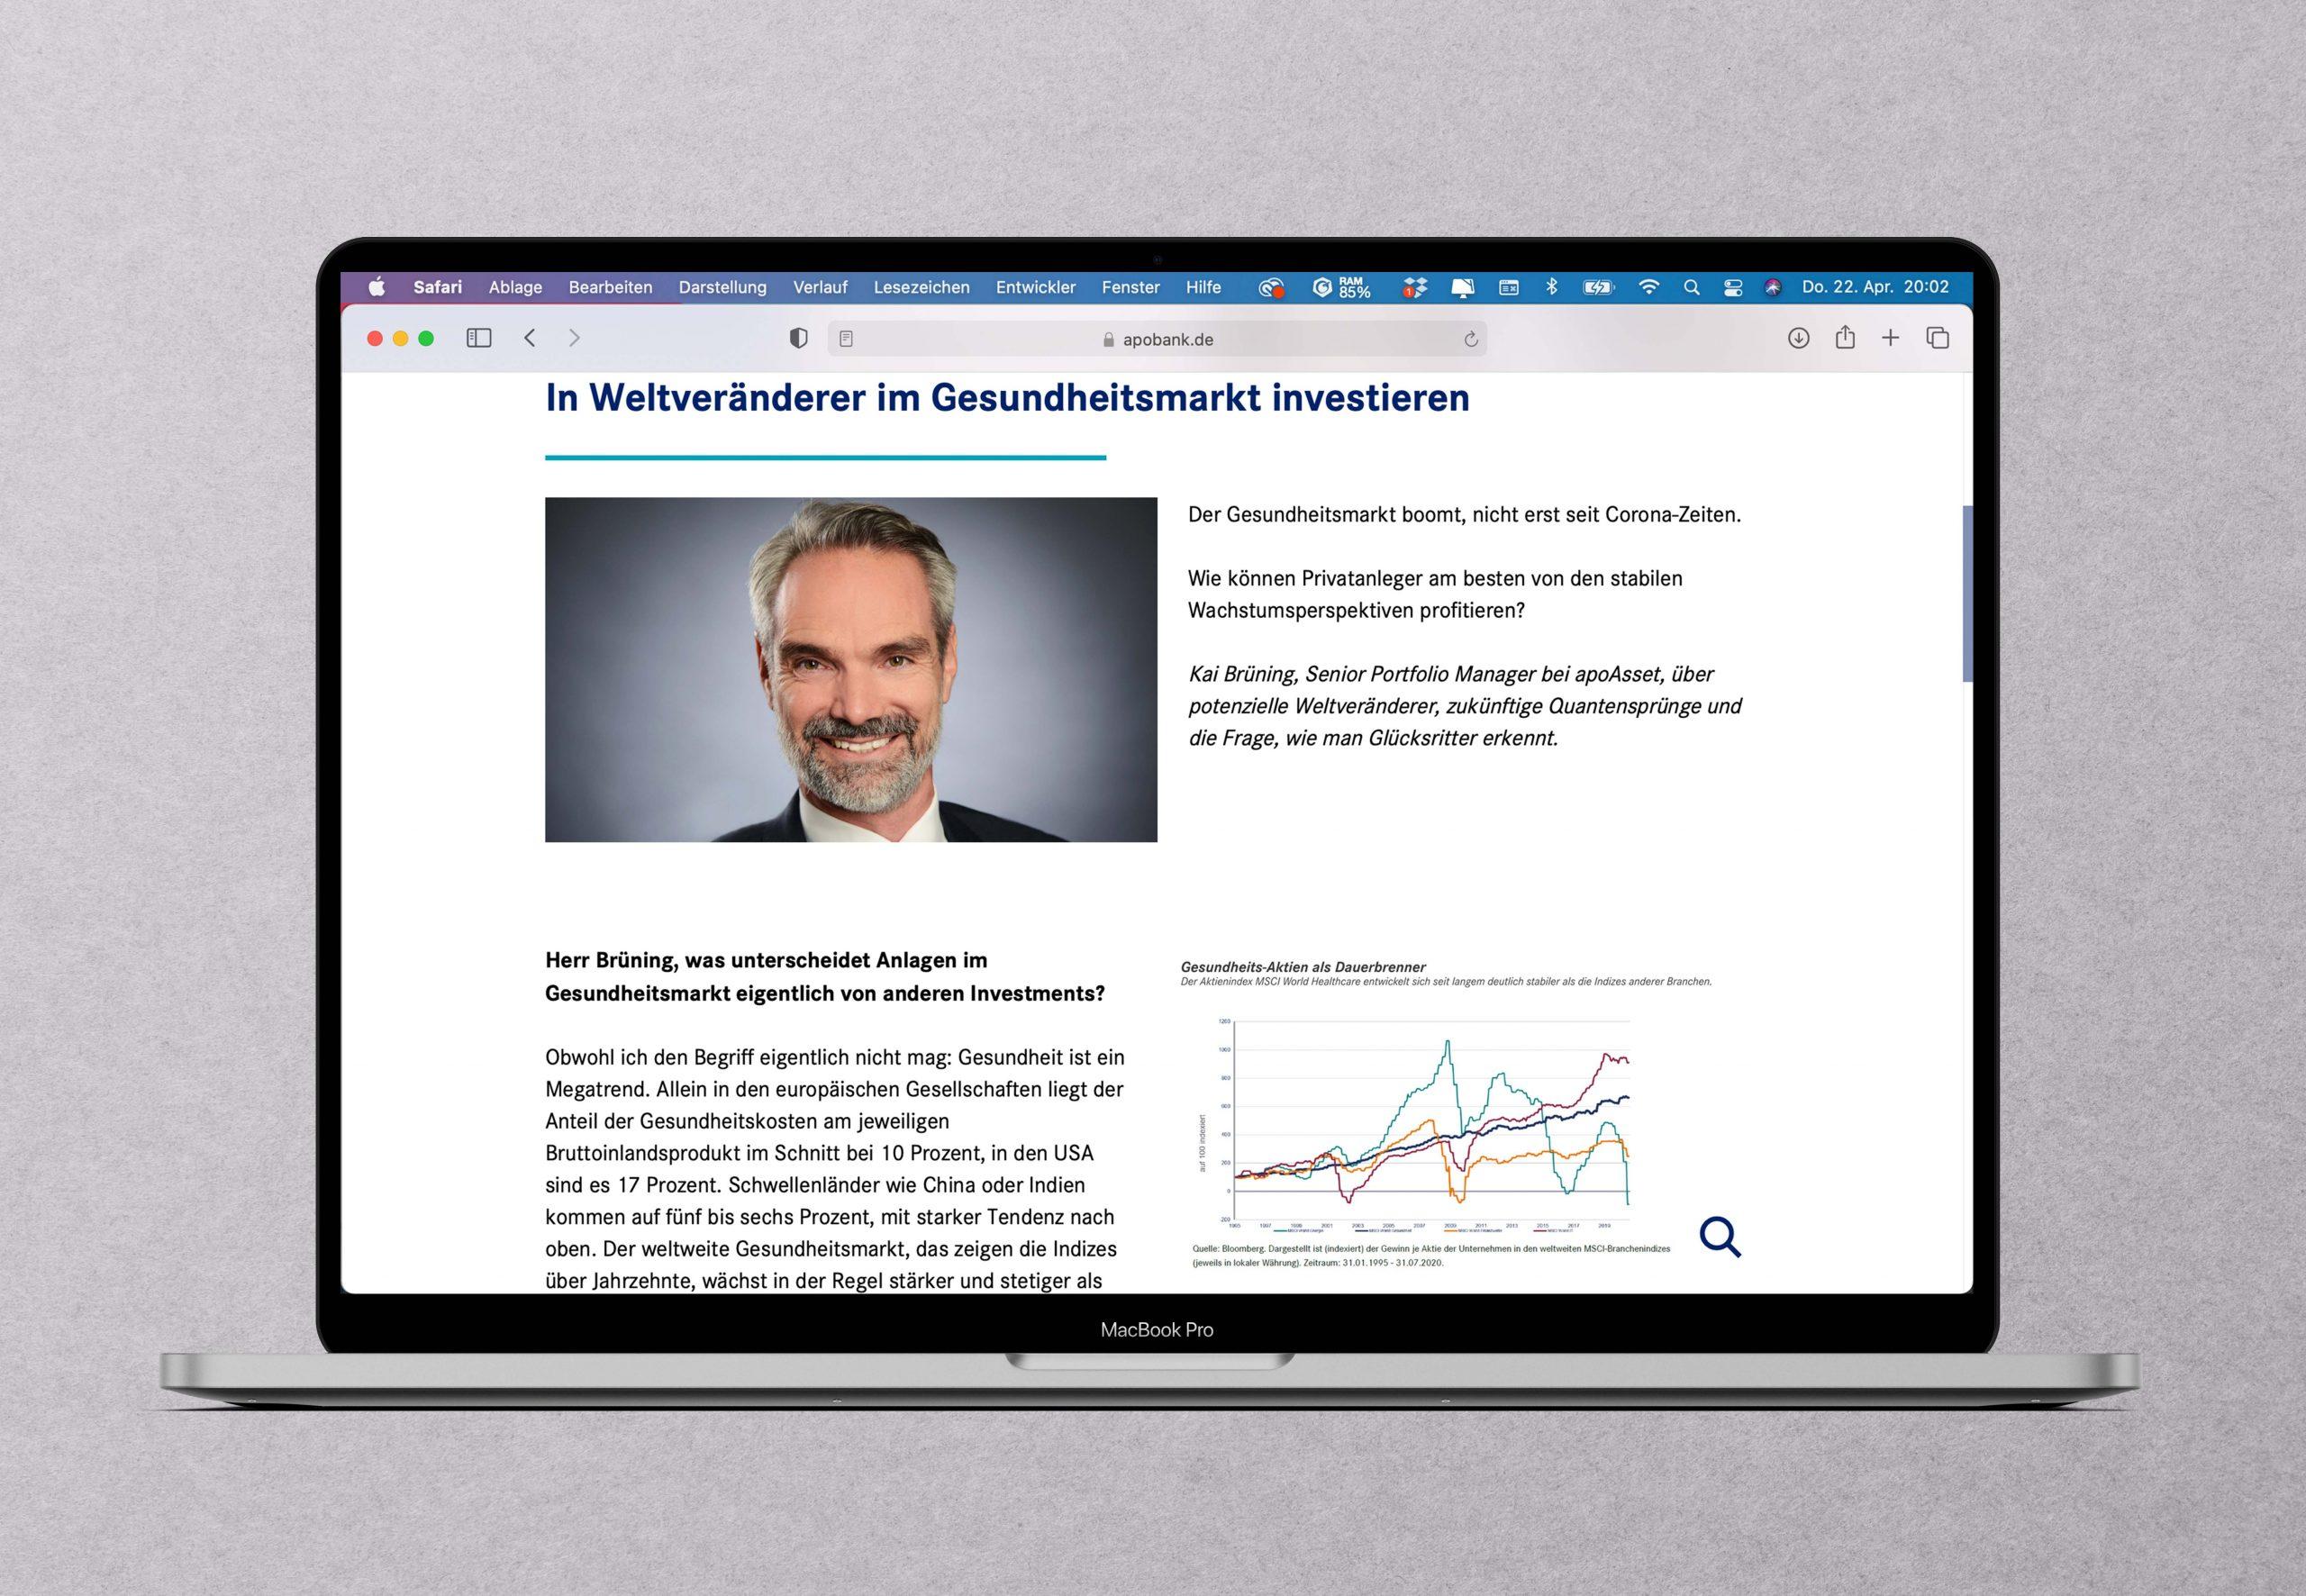 Was ist zu beachten bei Investments im Gesundheitsmarkt? Ein Portfoliomanager gibt Einblicke